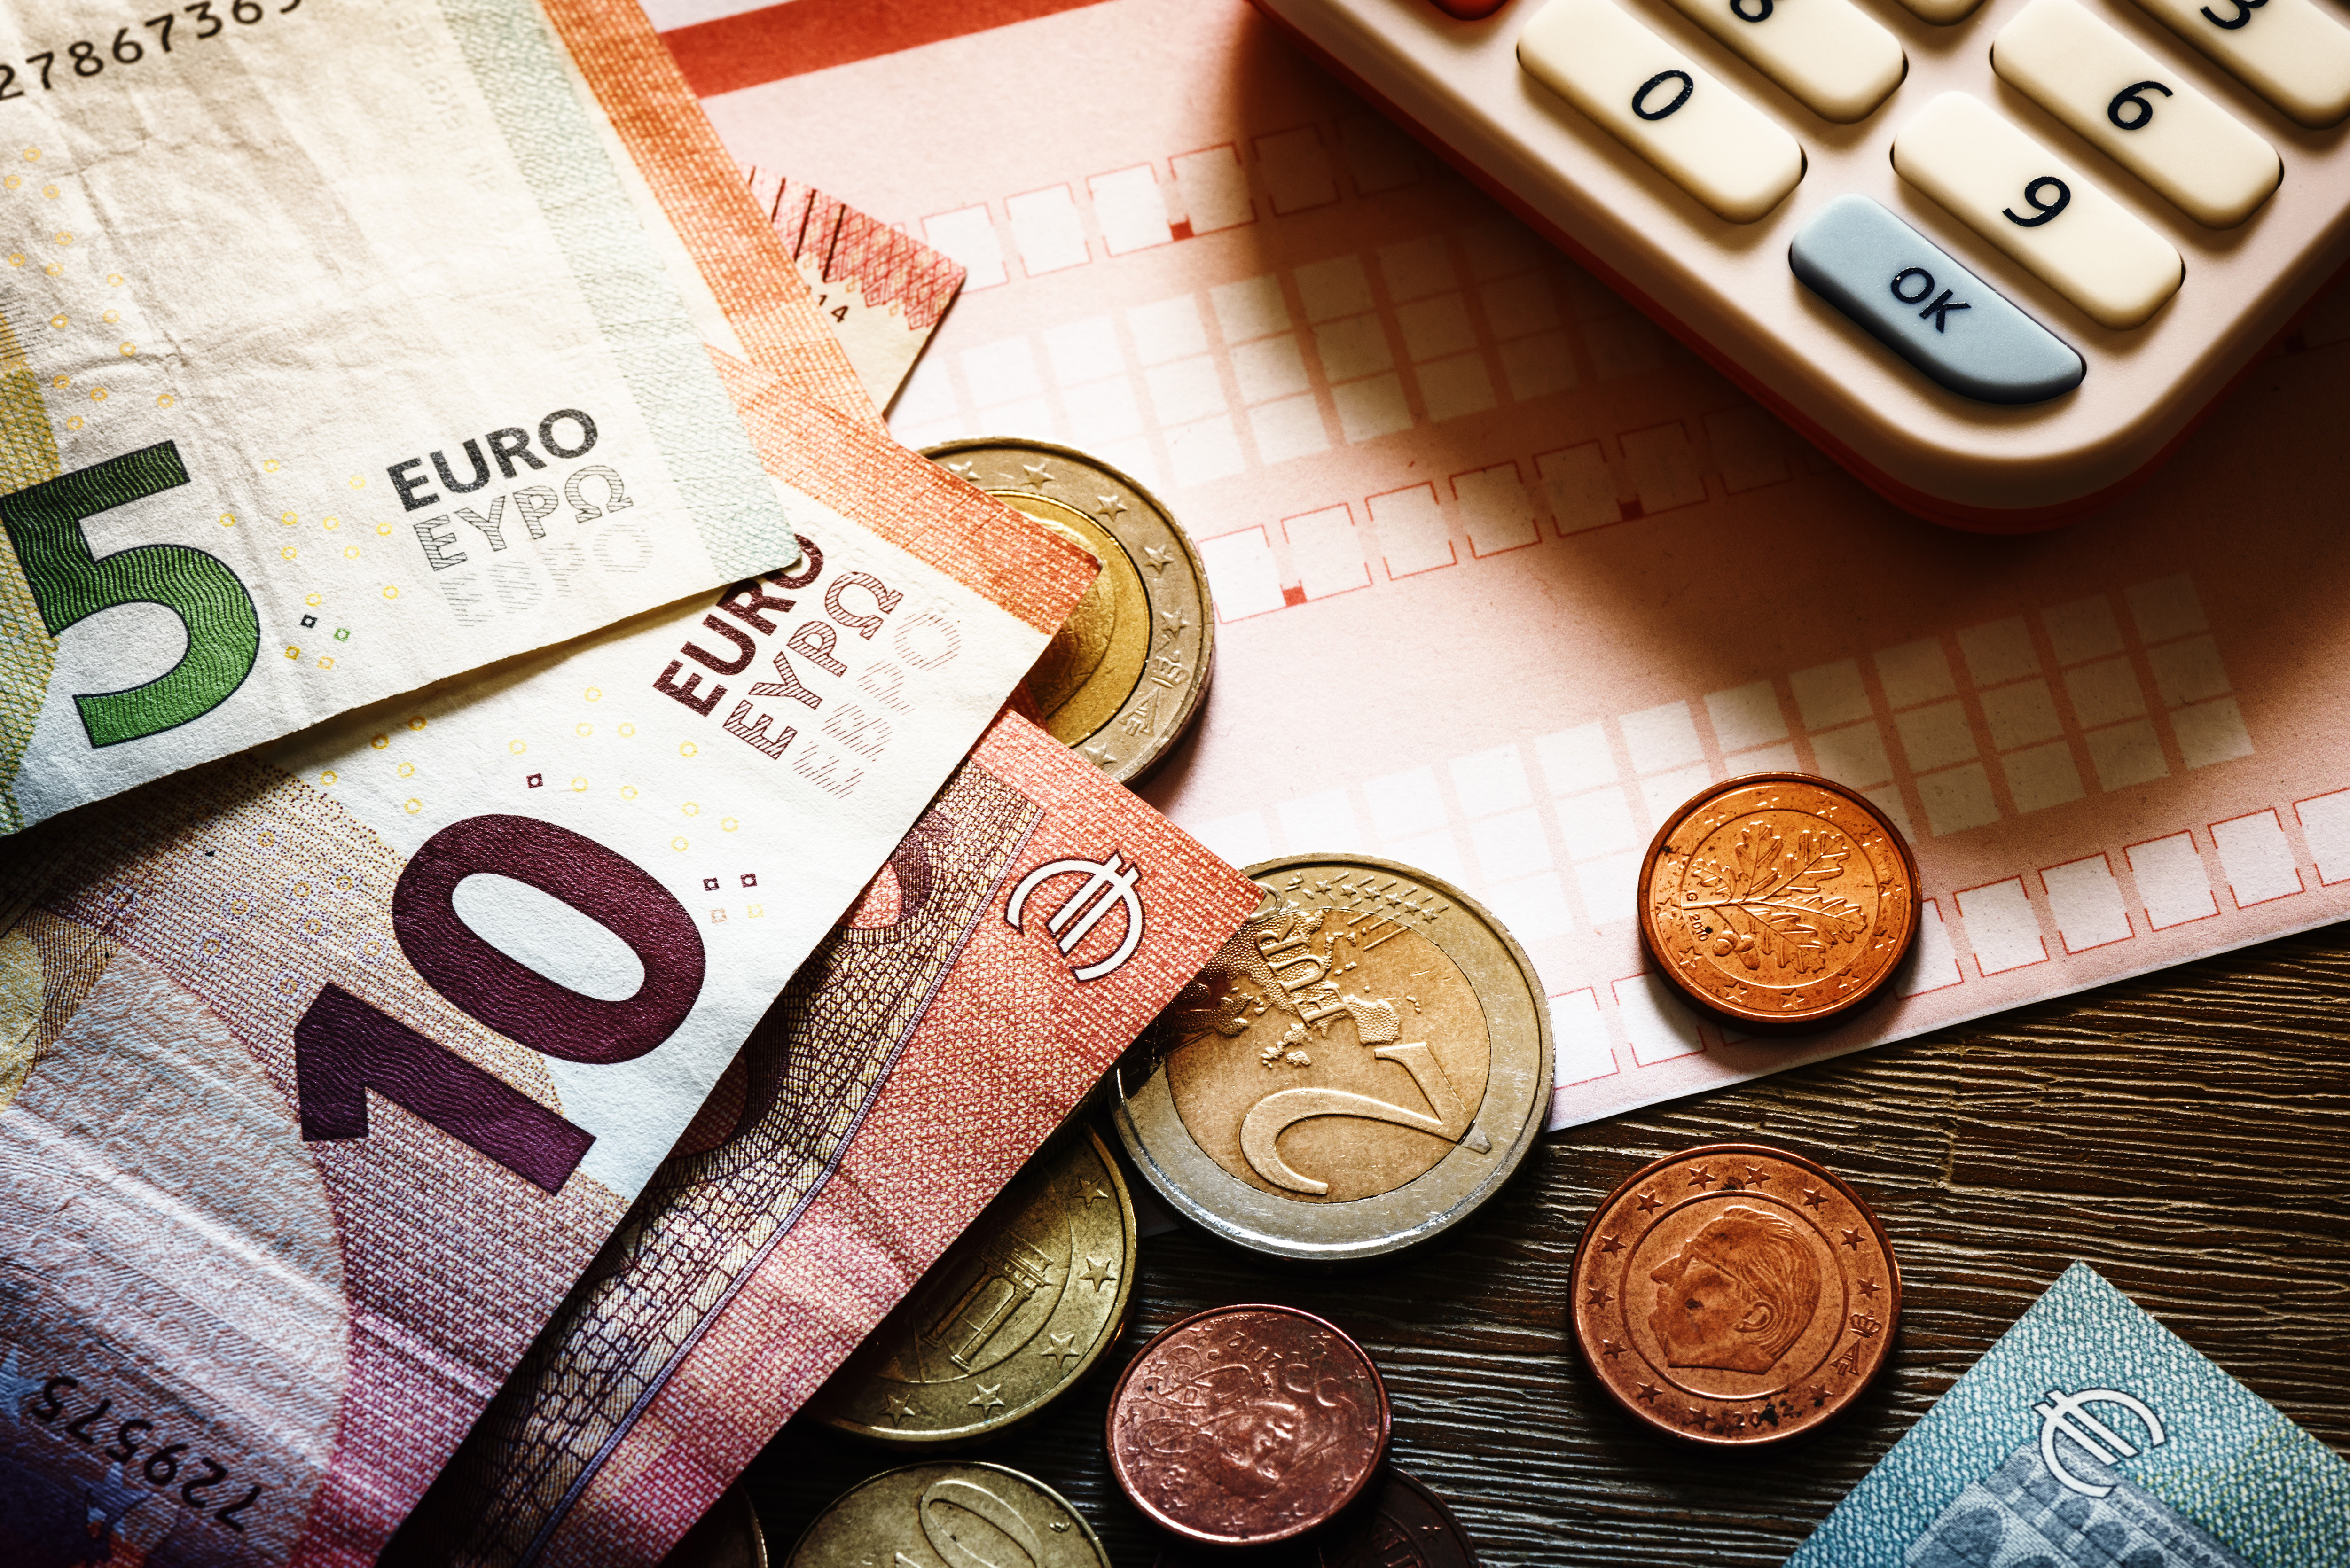 Euro-Banknoten und Münzen mit Rechnungen und Taschenrechner auf Holztisch